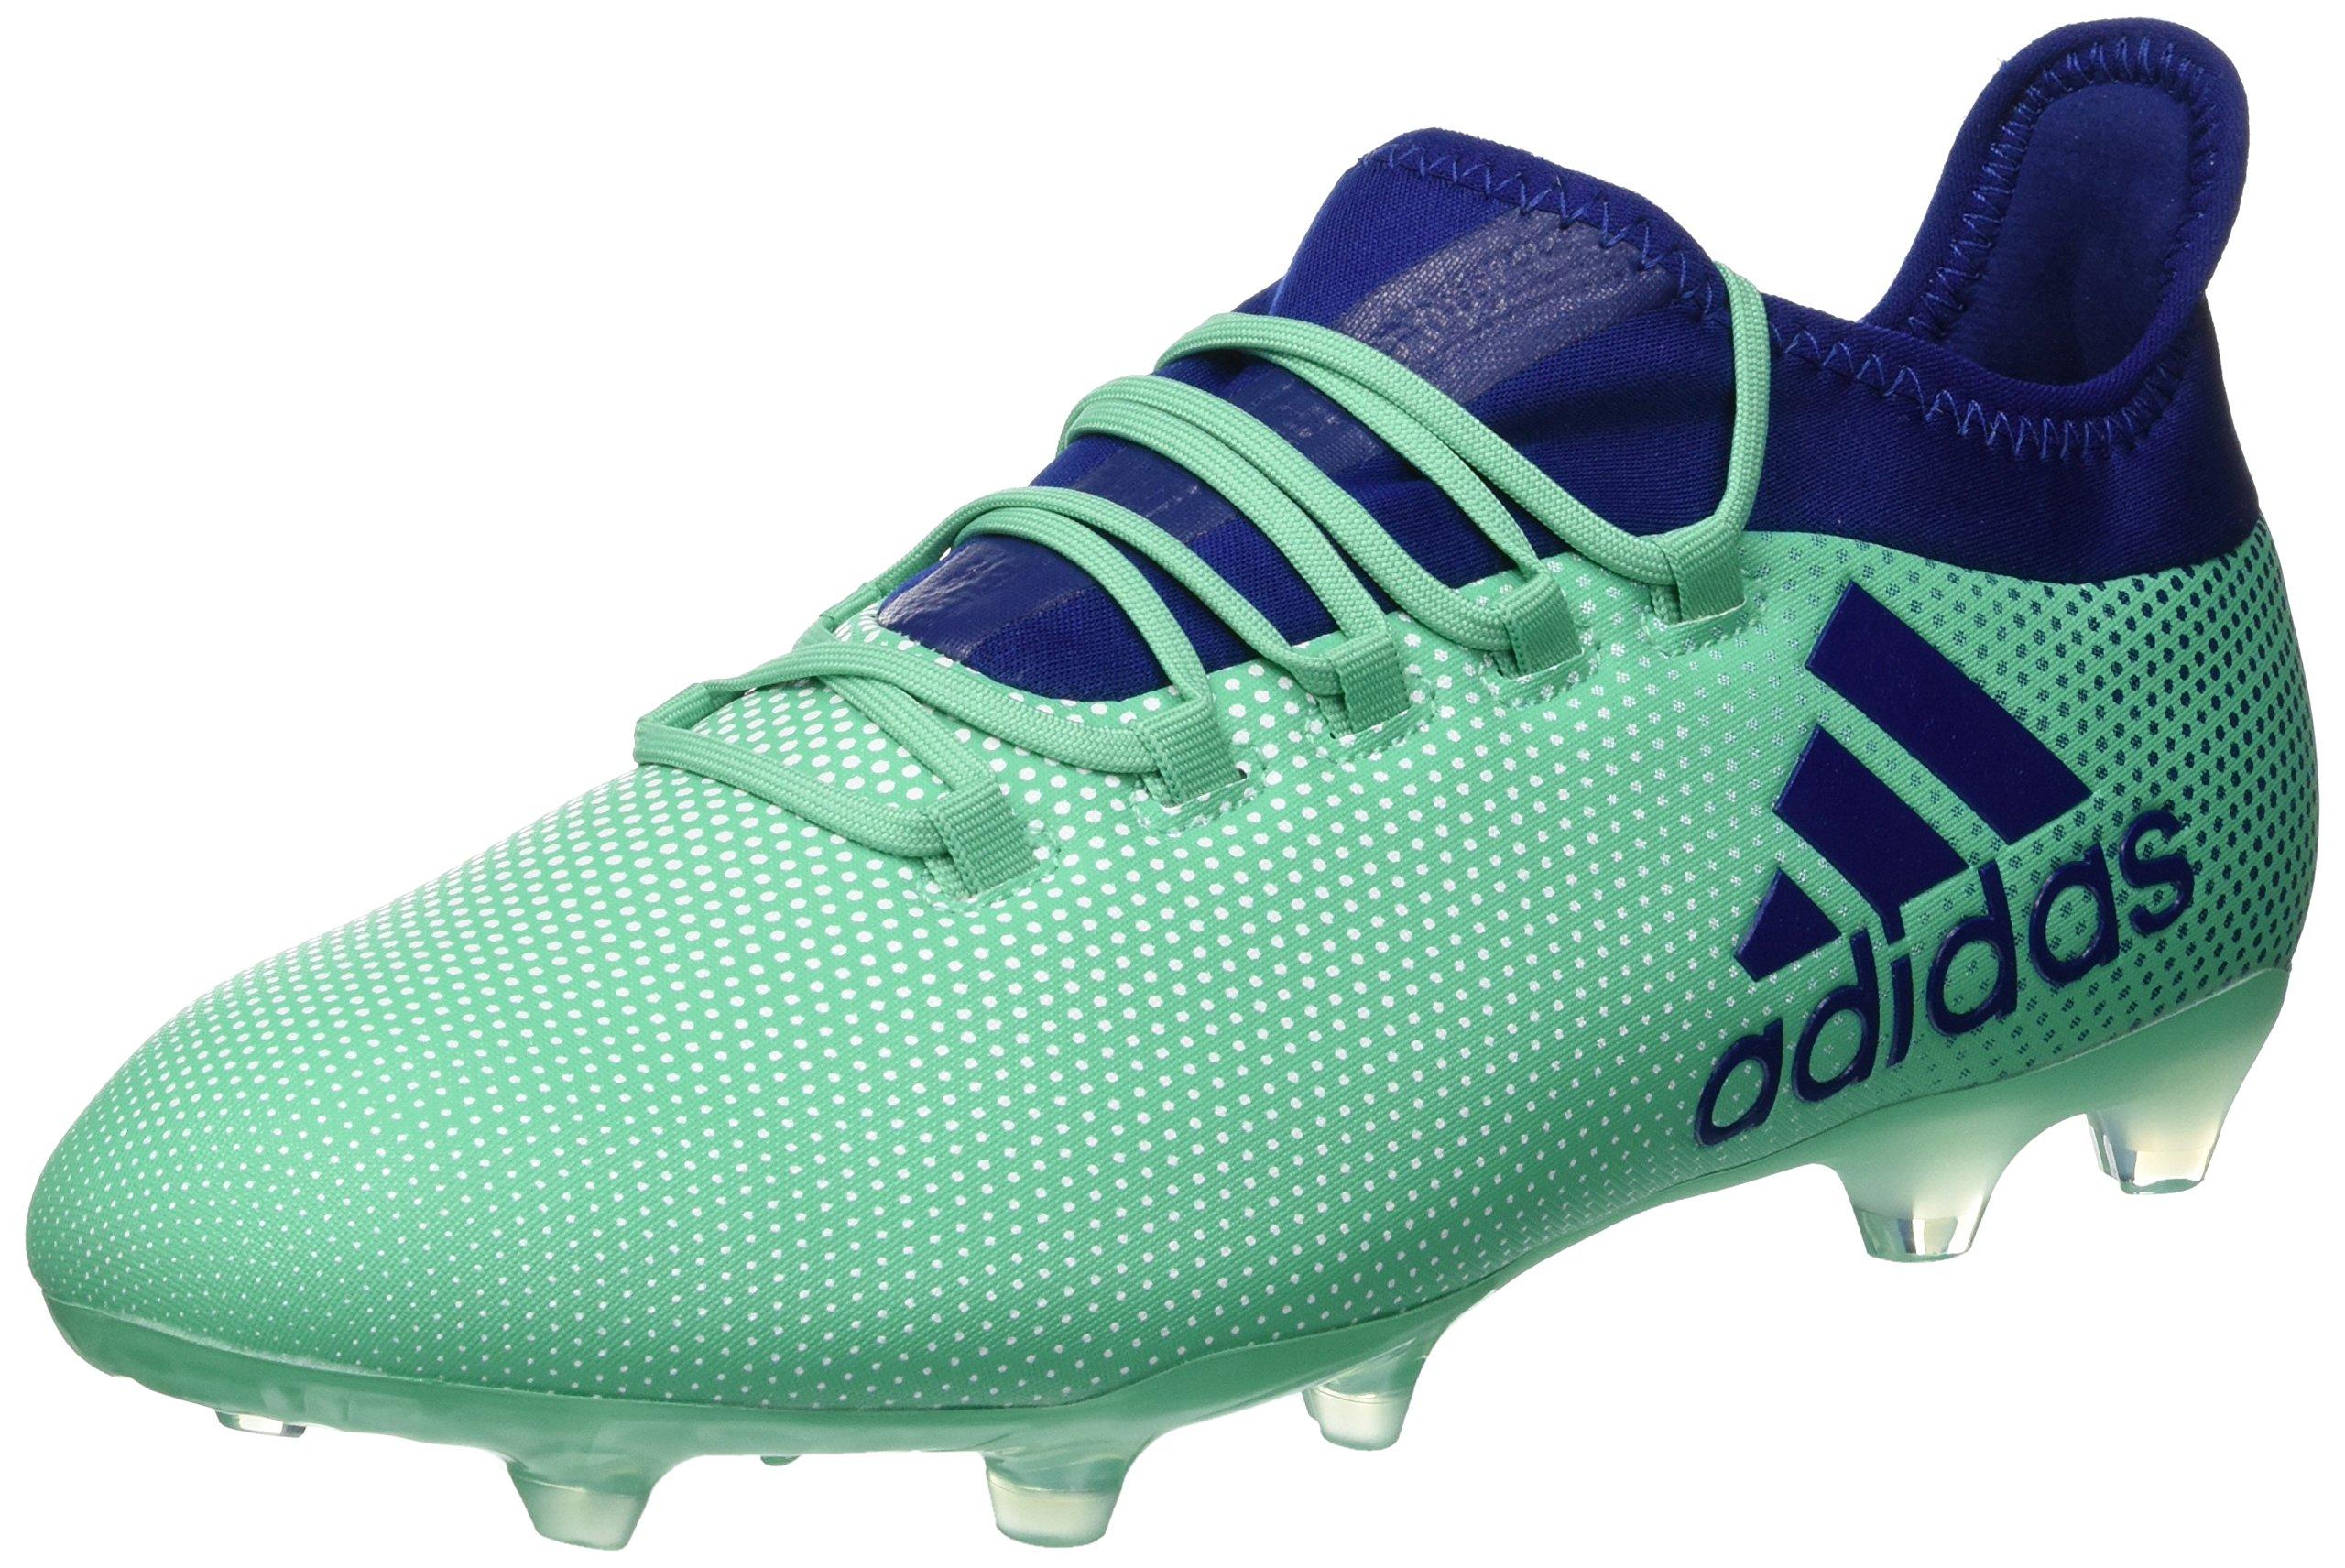 prezzi scarpe adidas da calcio